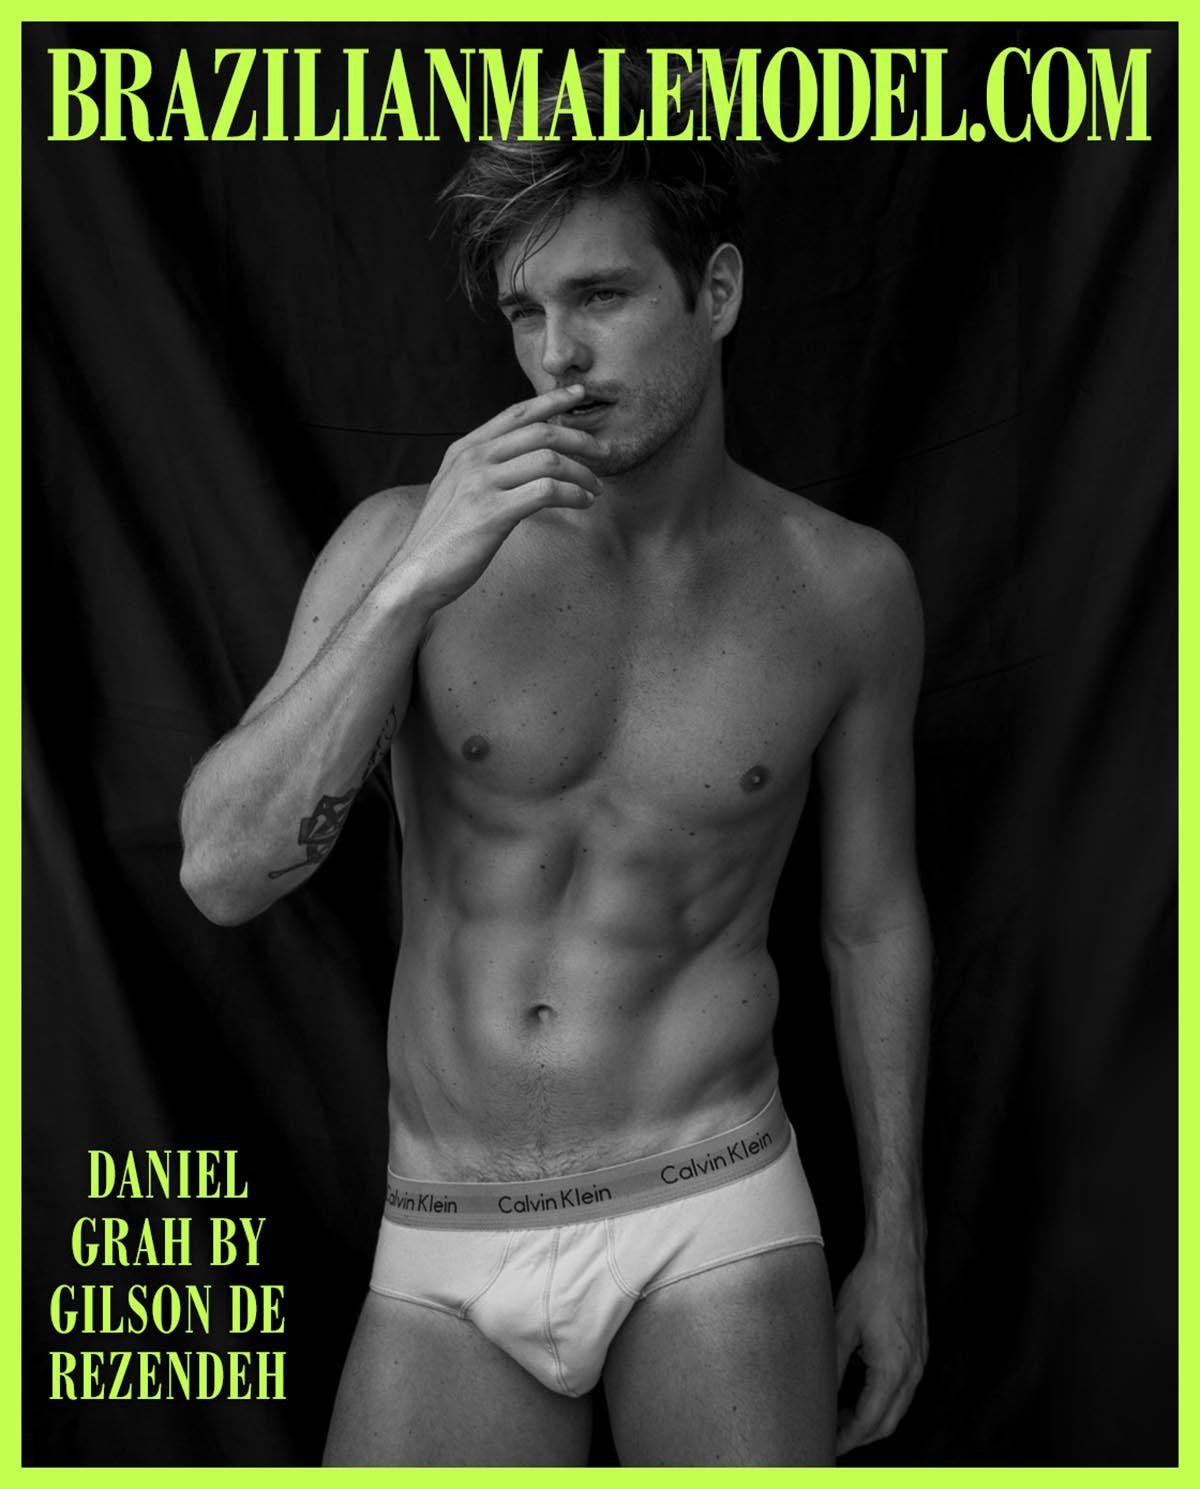 Daniel Grah by Gilson de Rezendeh